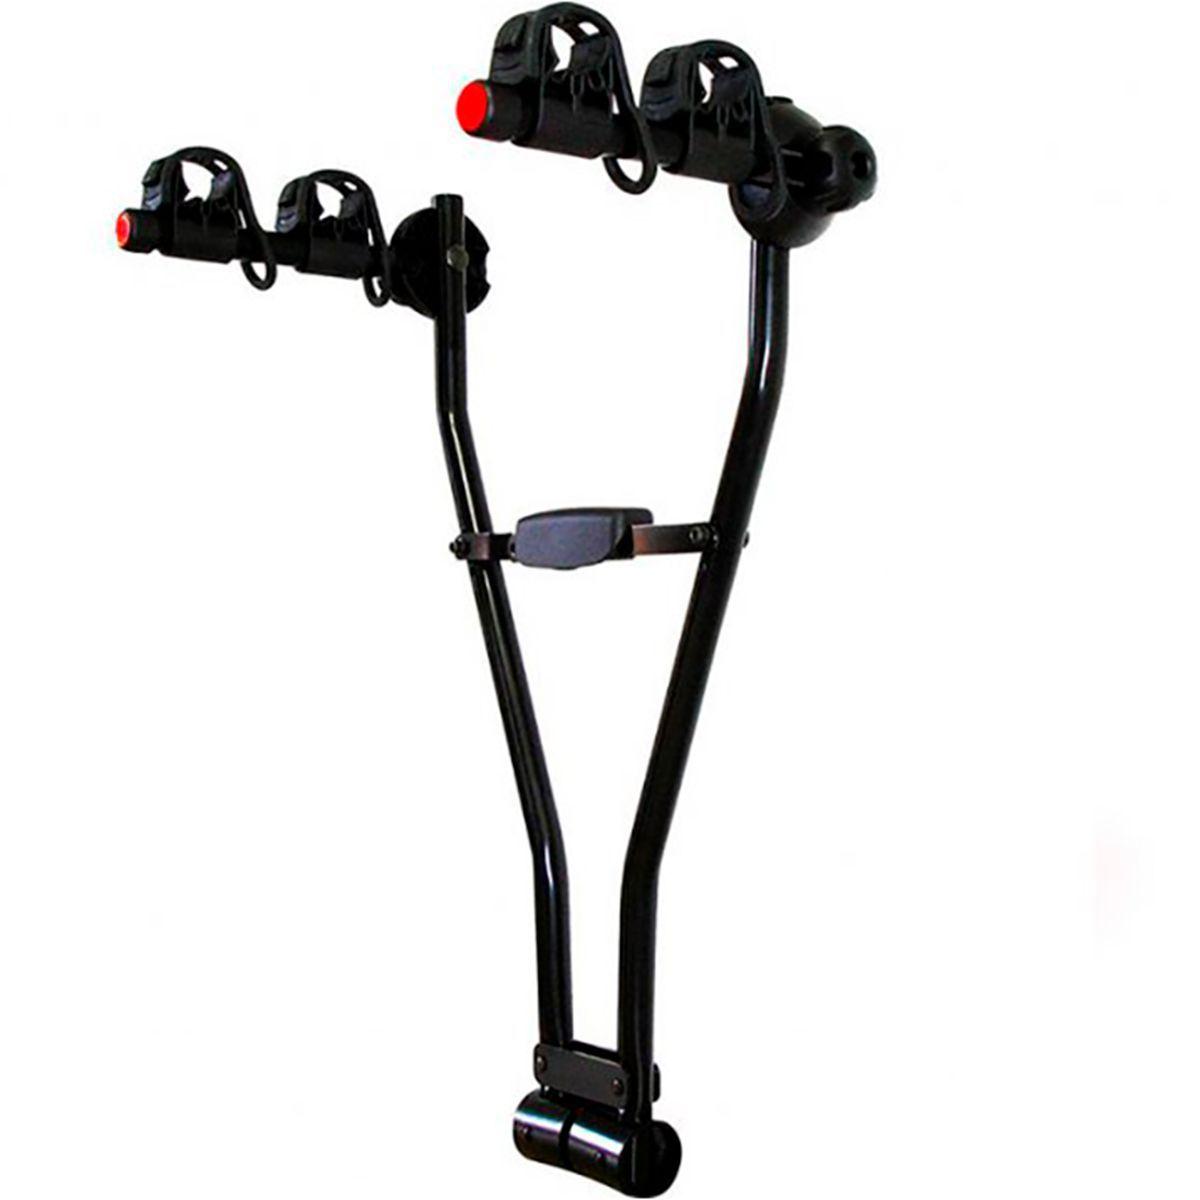 Suporte Para Transporte de Bicicleta Para Engate Jet Bag X-Press